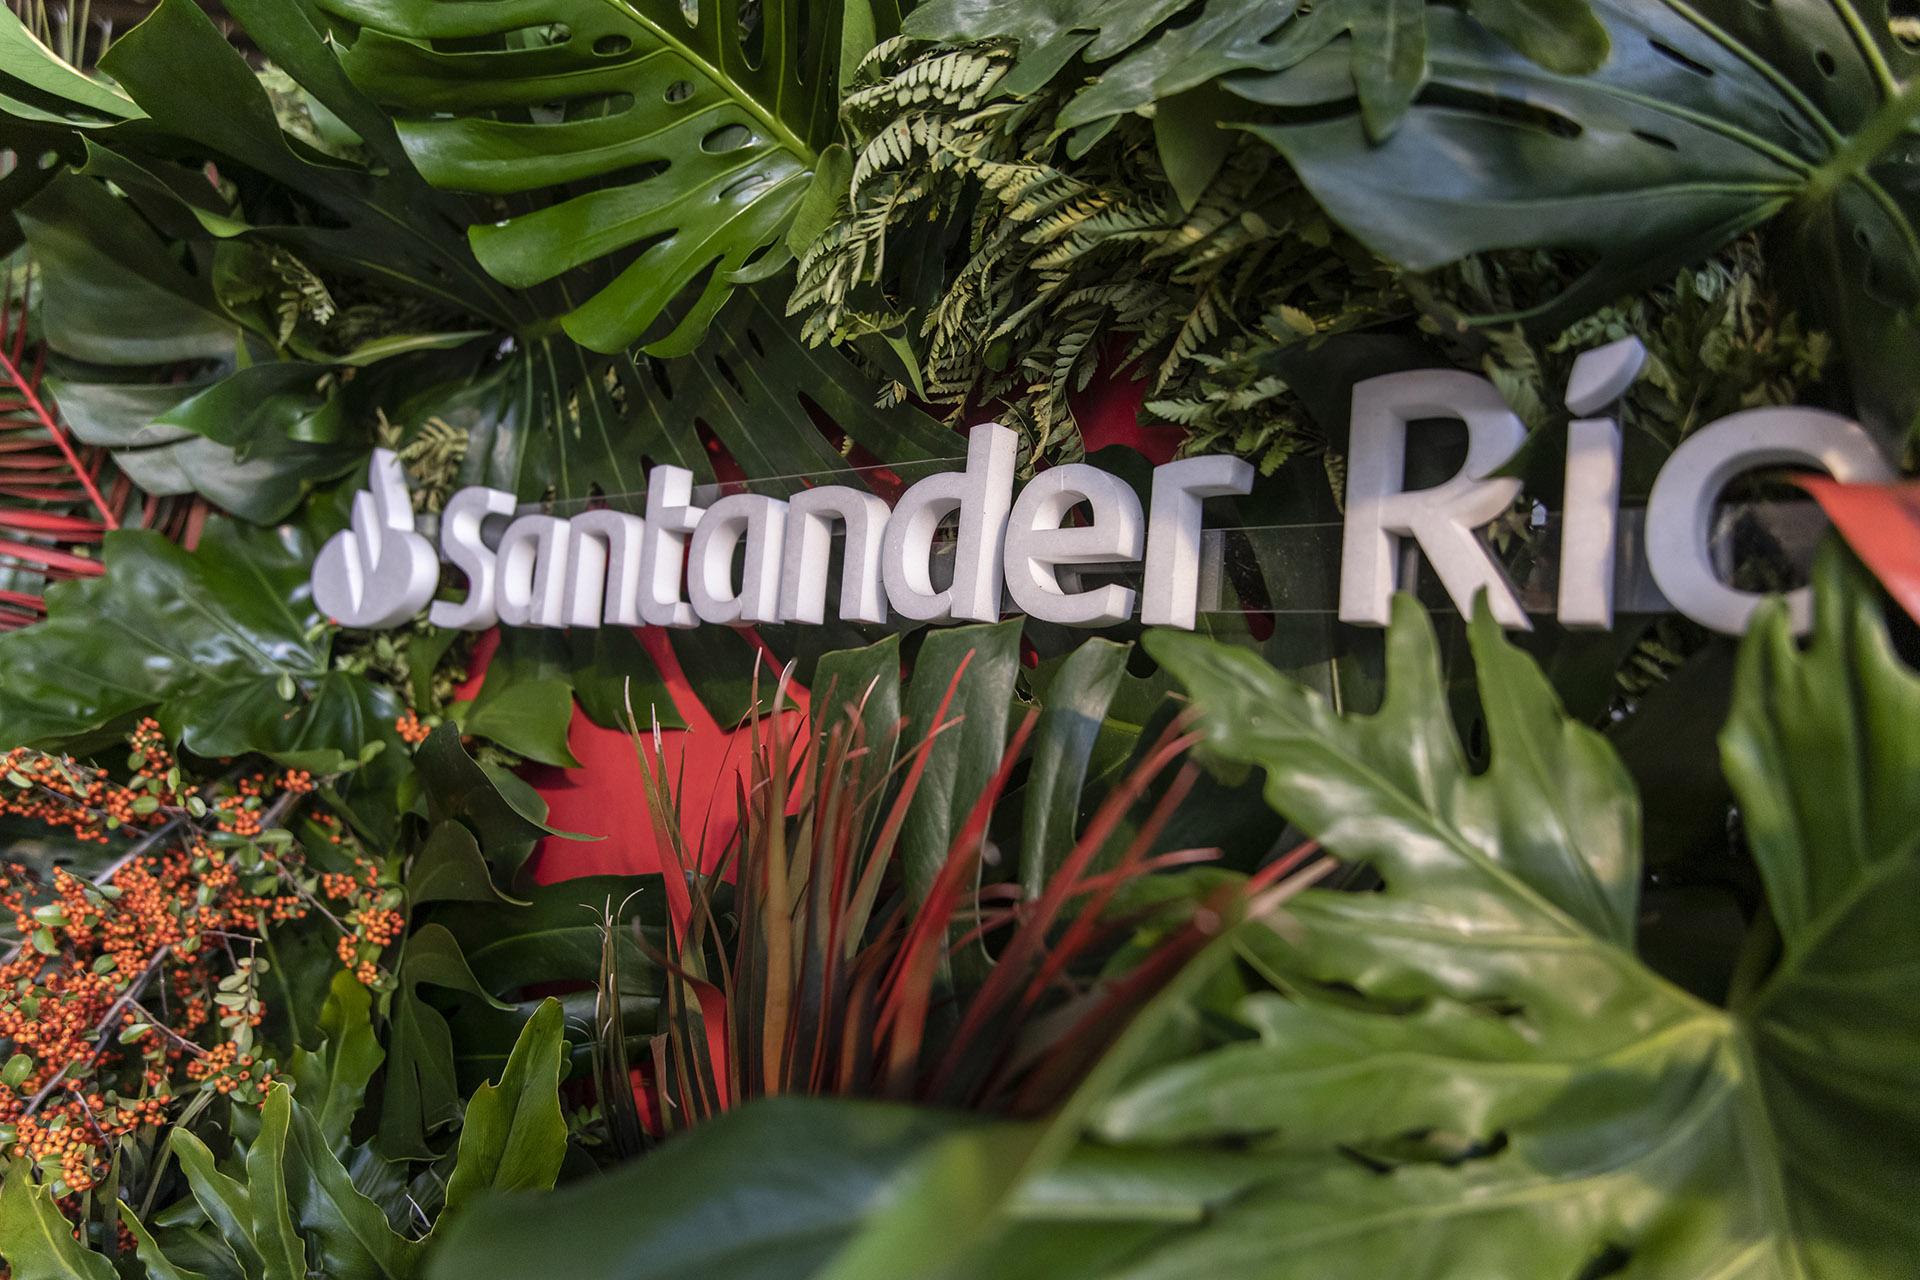 Santander Río celebró el primer año como main sponsor de arteBA y ratificó el compromiso con la cultura y el arte.